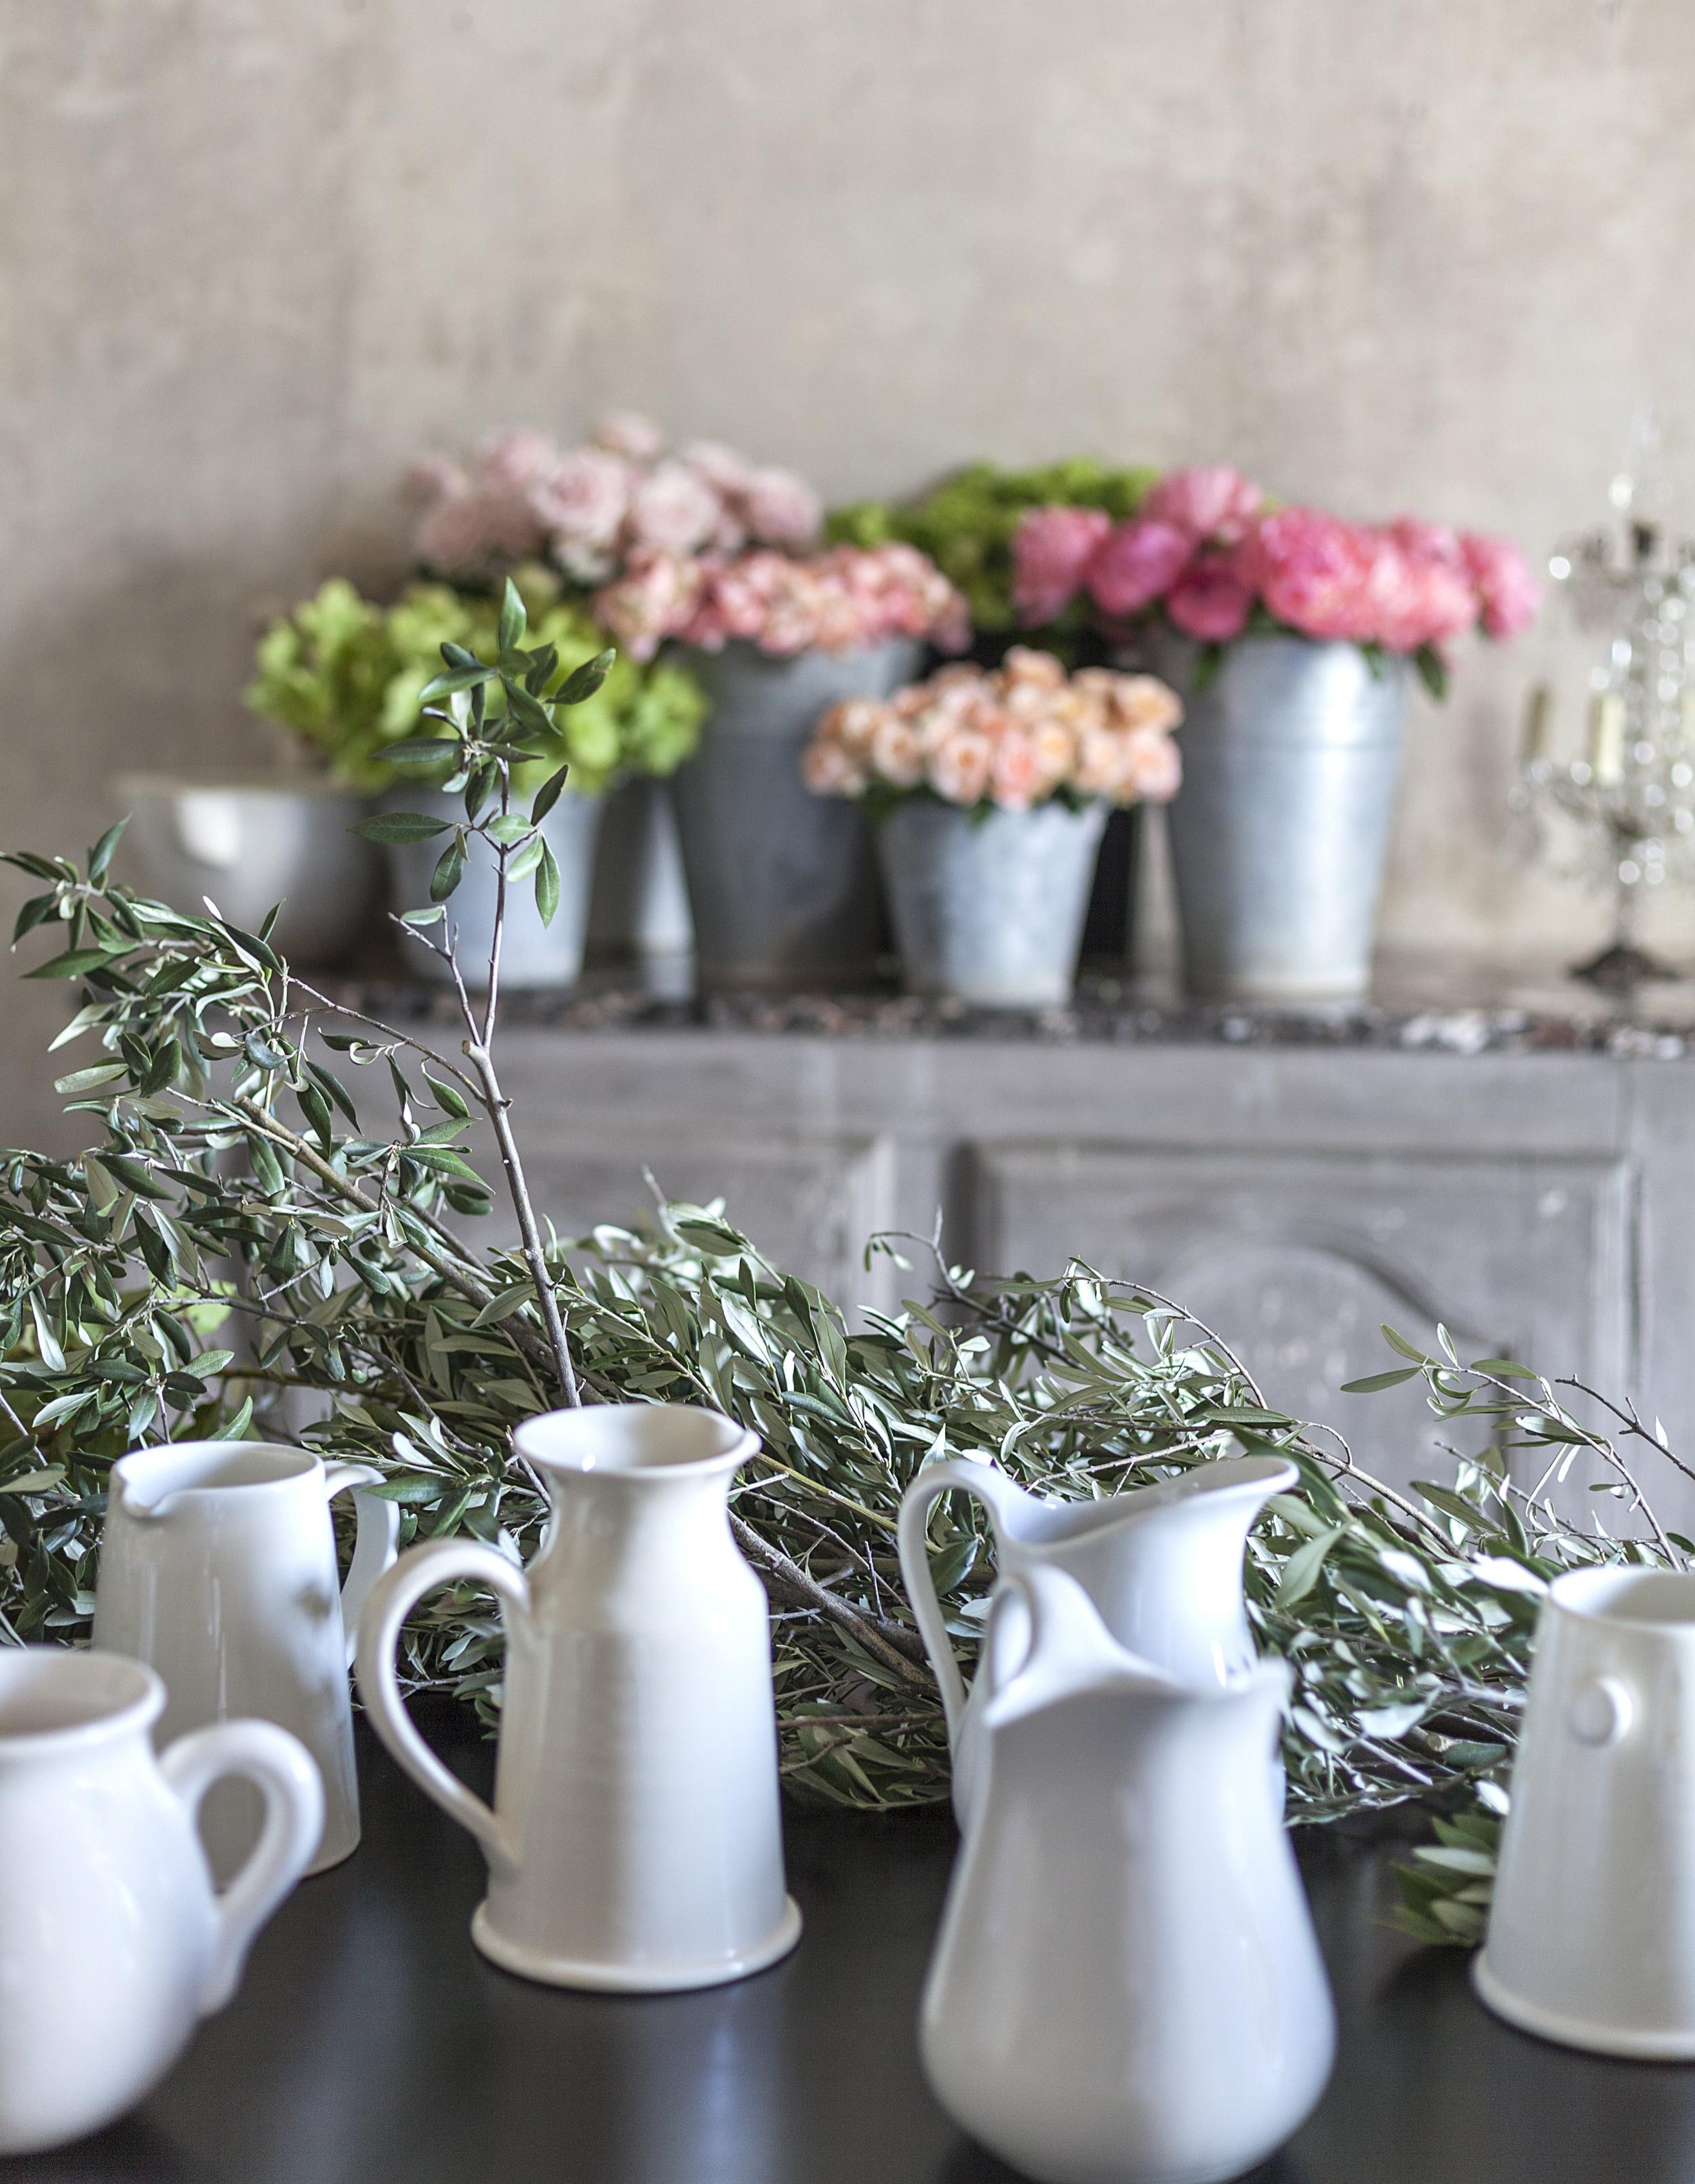 provence-floral-workshop.jpg